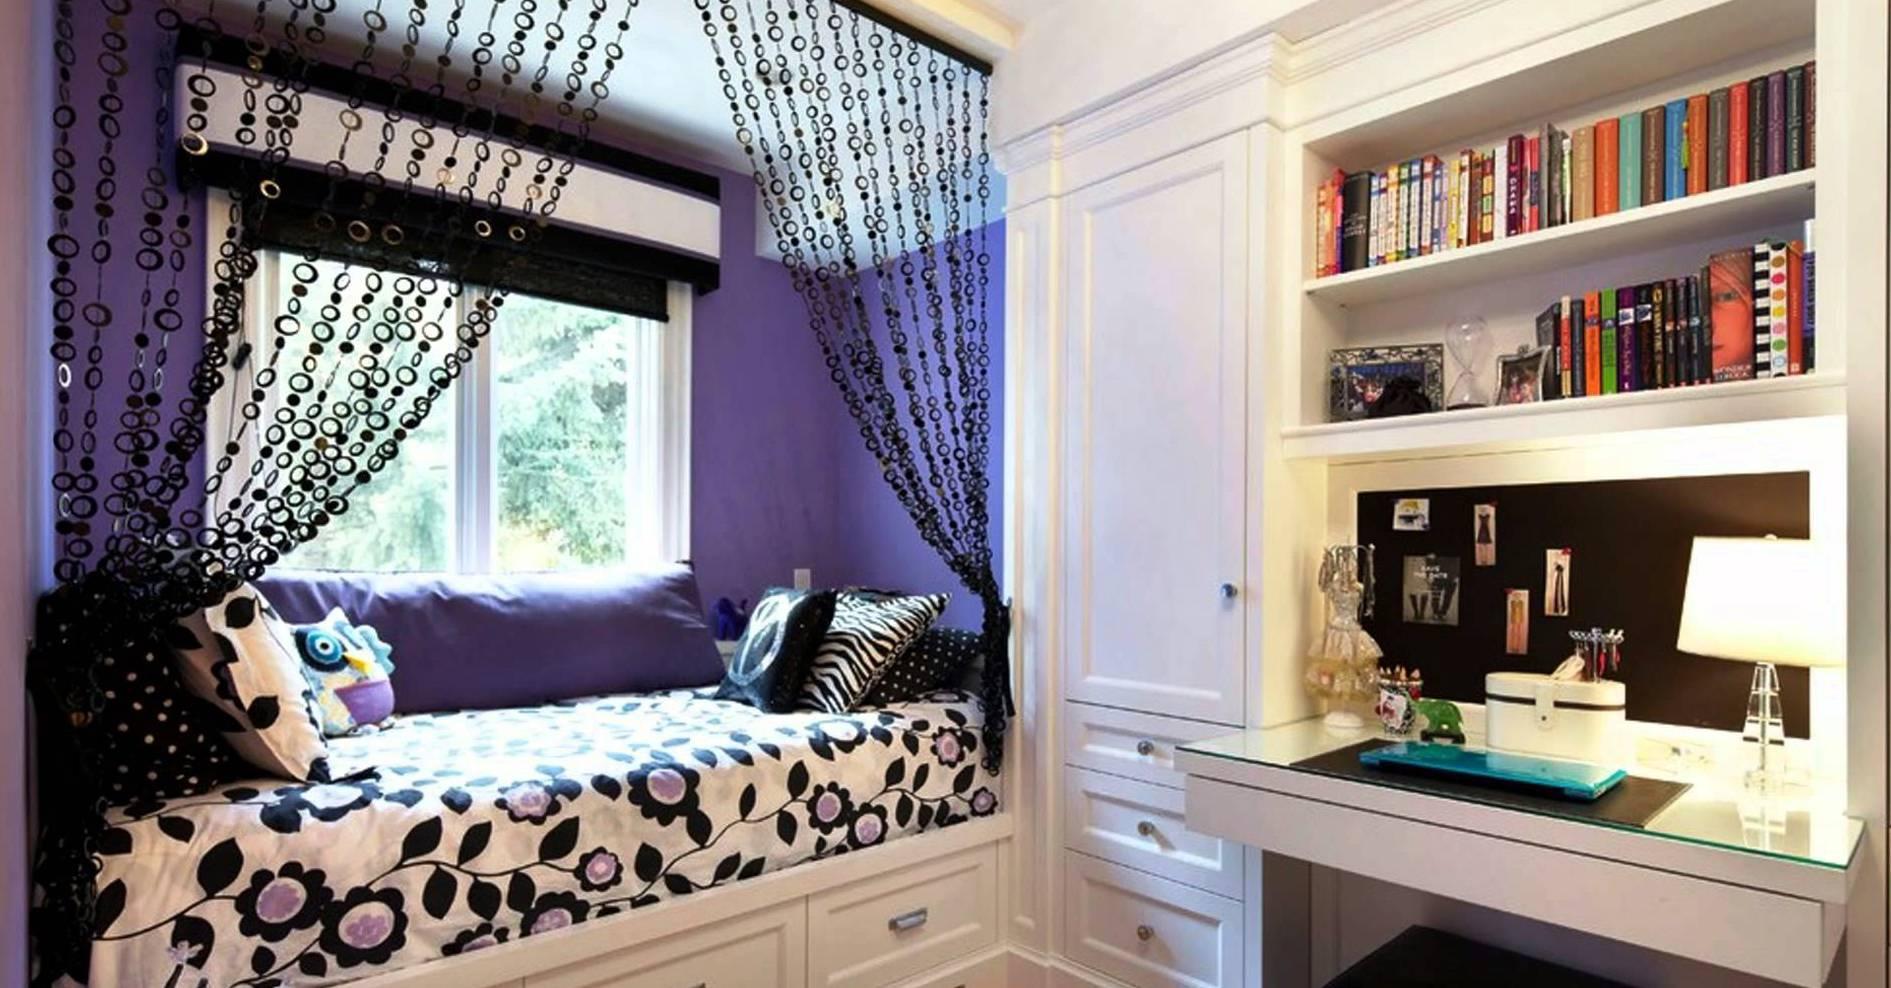 Wohnzimmer ideen schwarz lila  Wohnzimmer Ideen Braun